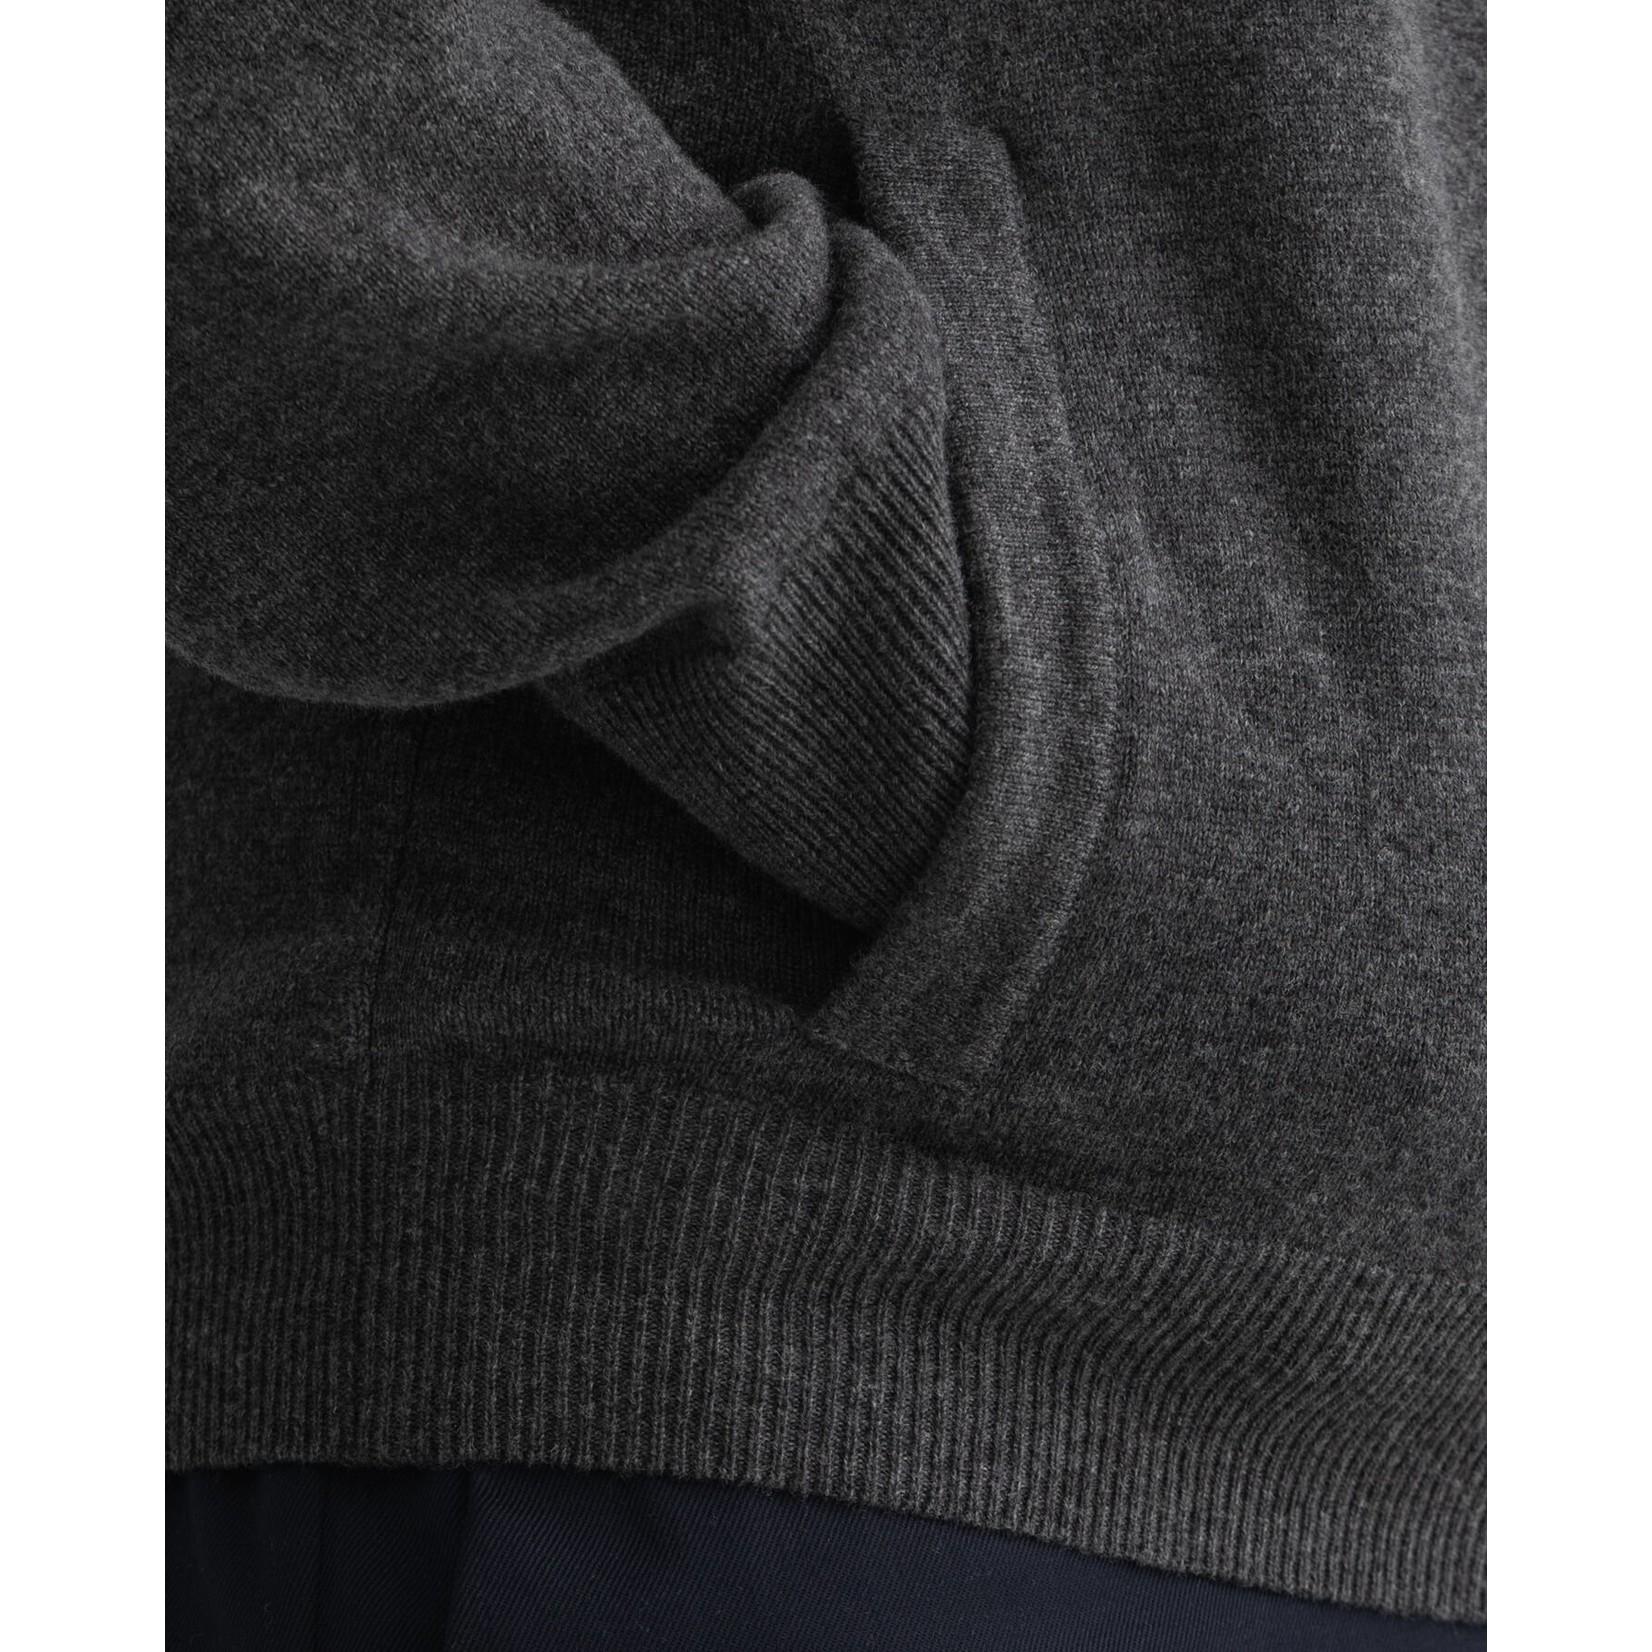 GANT lamswollen vest antraciet